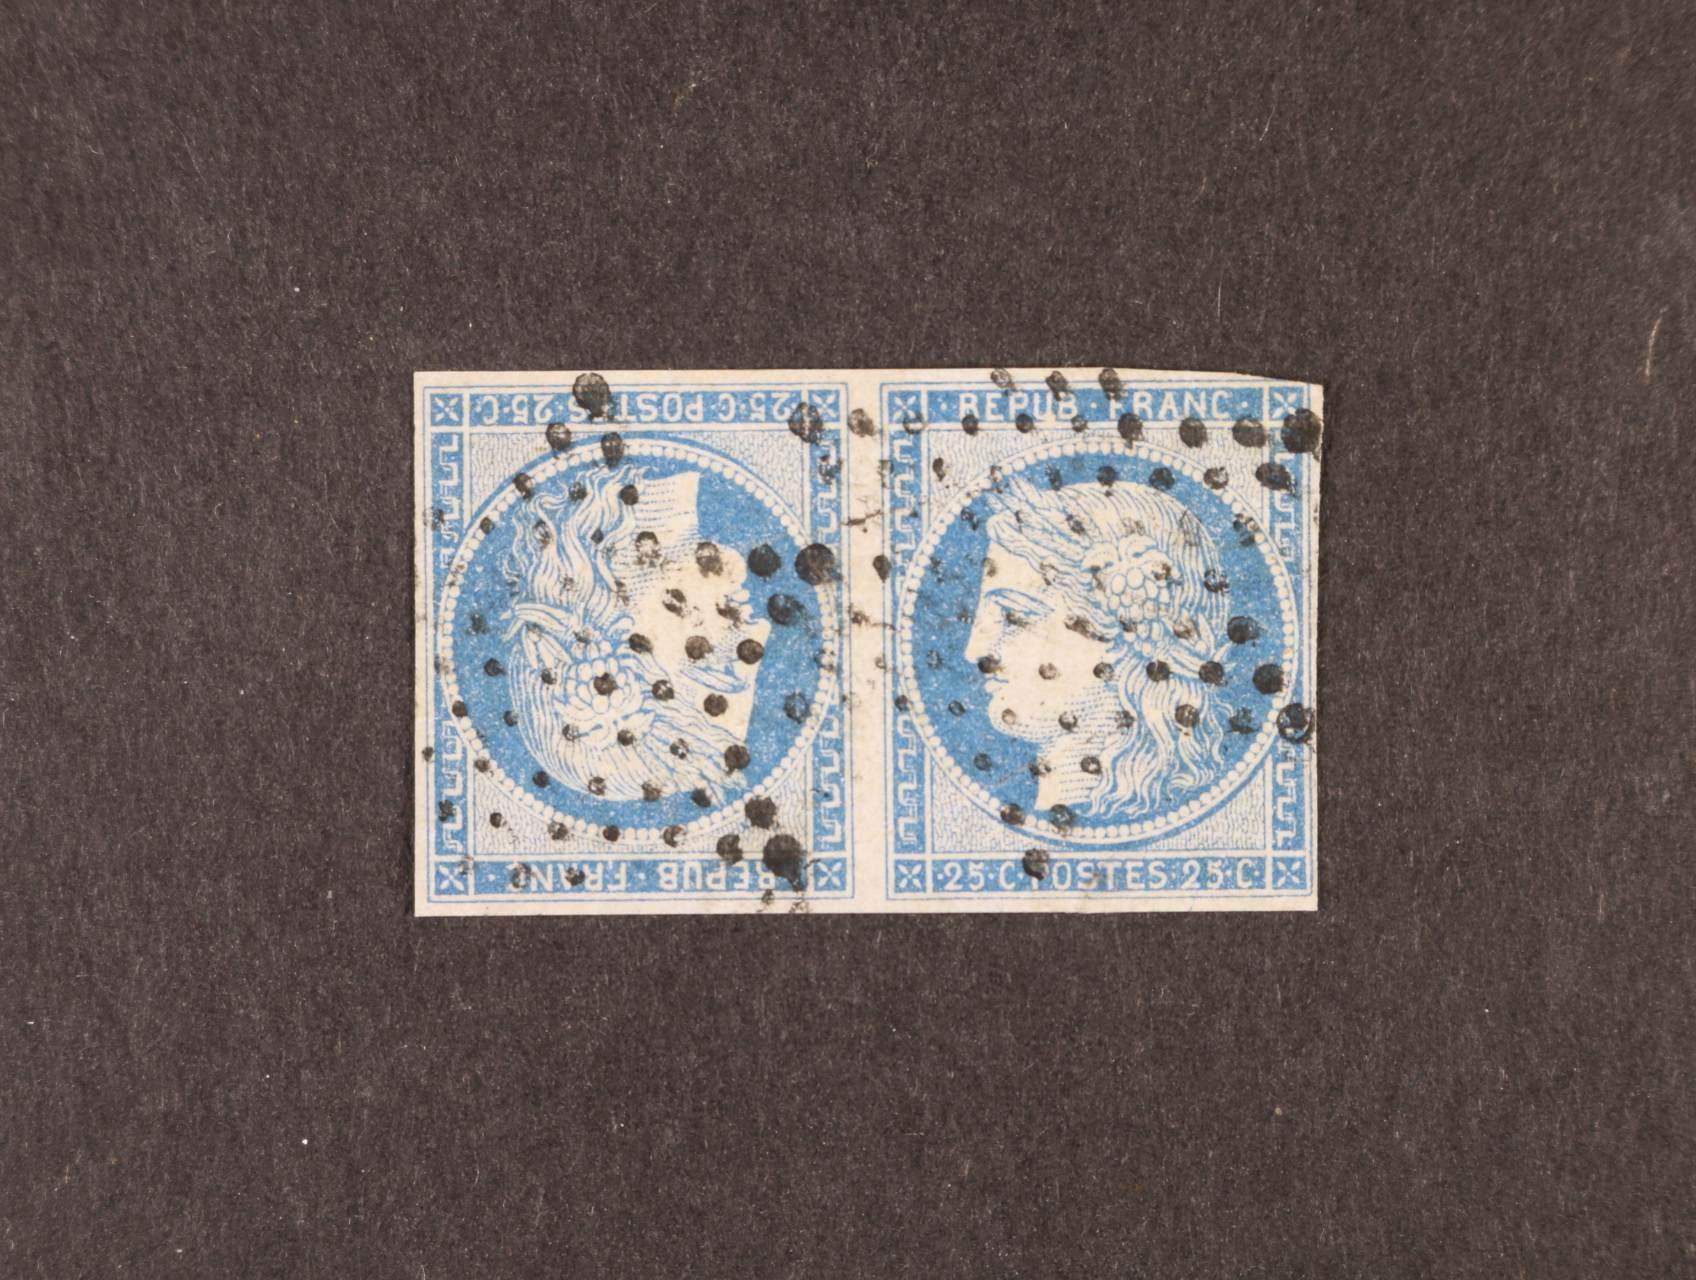 zn. Mi. č. 4 K (Tete - Beche) ve vodorovné dvoupásce s němým hvězdicovým raz., zk. H. Costes, atest J. Pierre Depasse, 11000 EUR